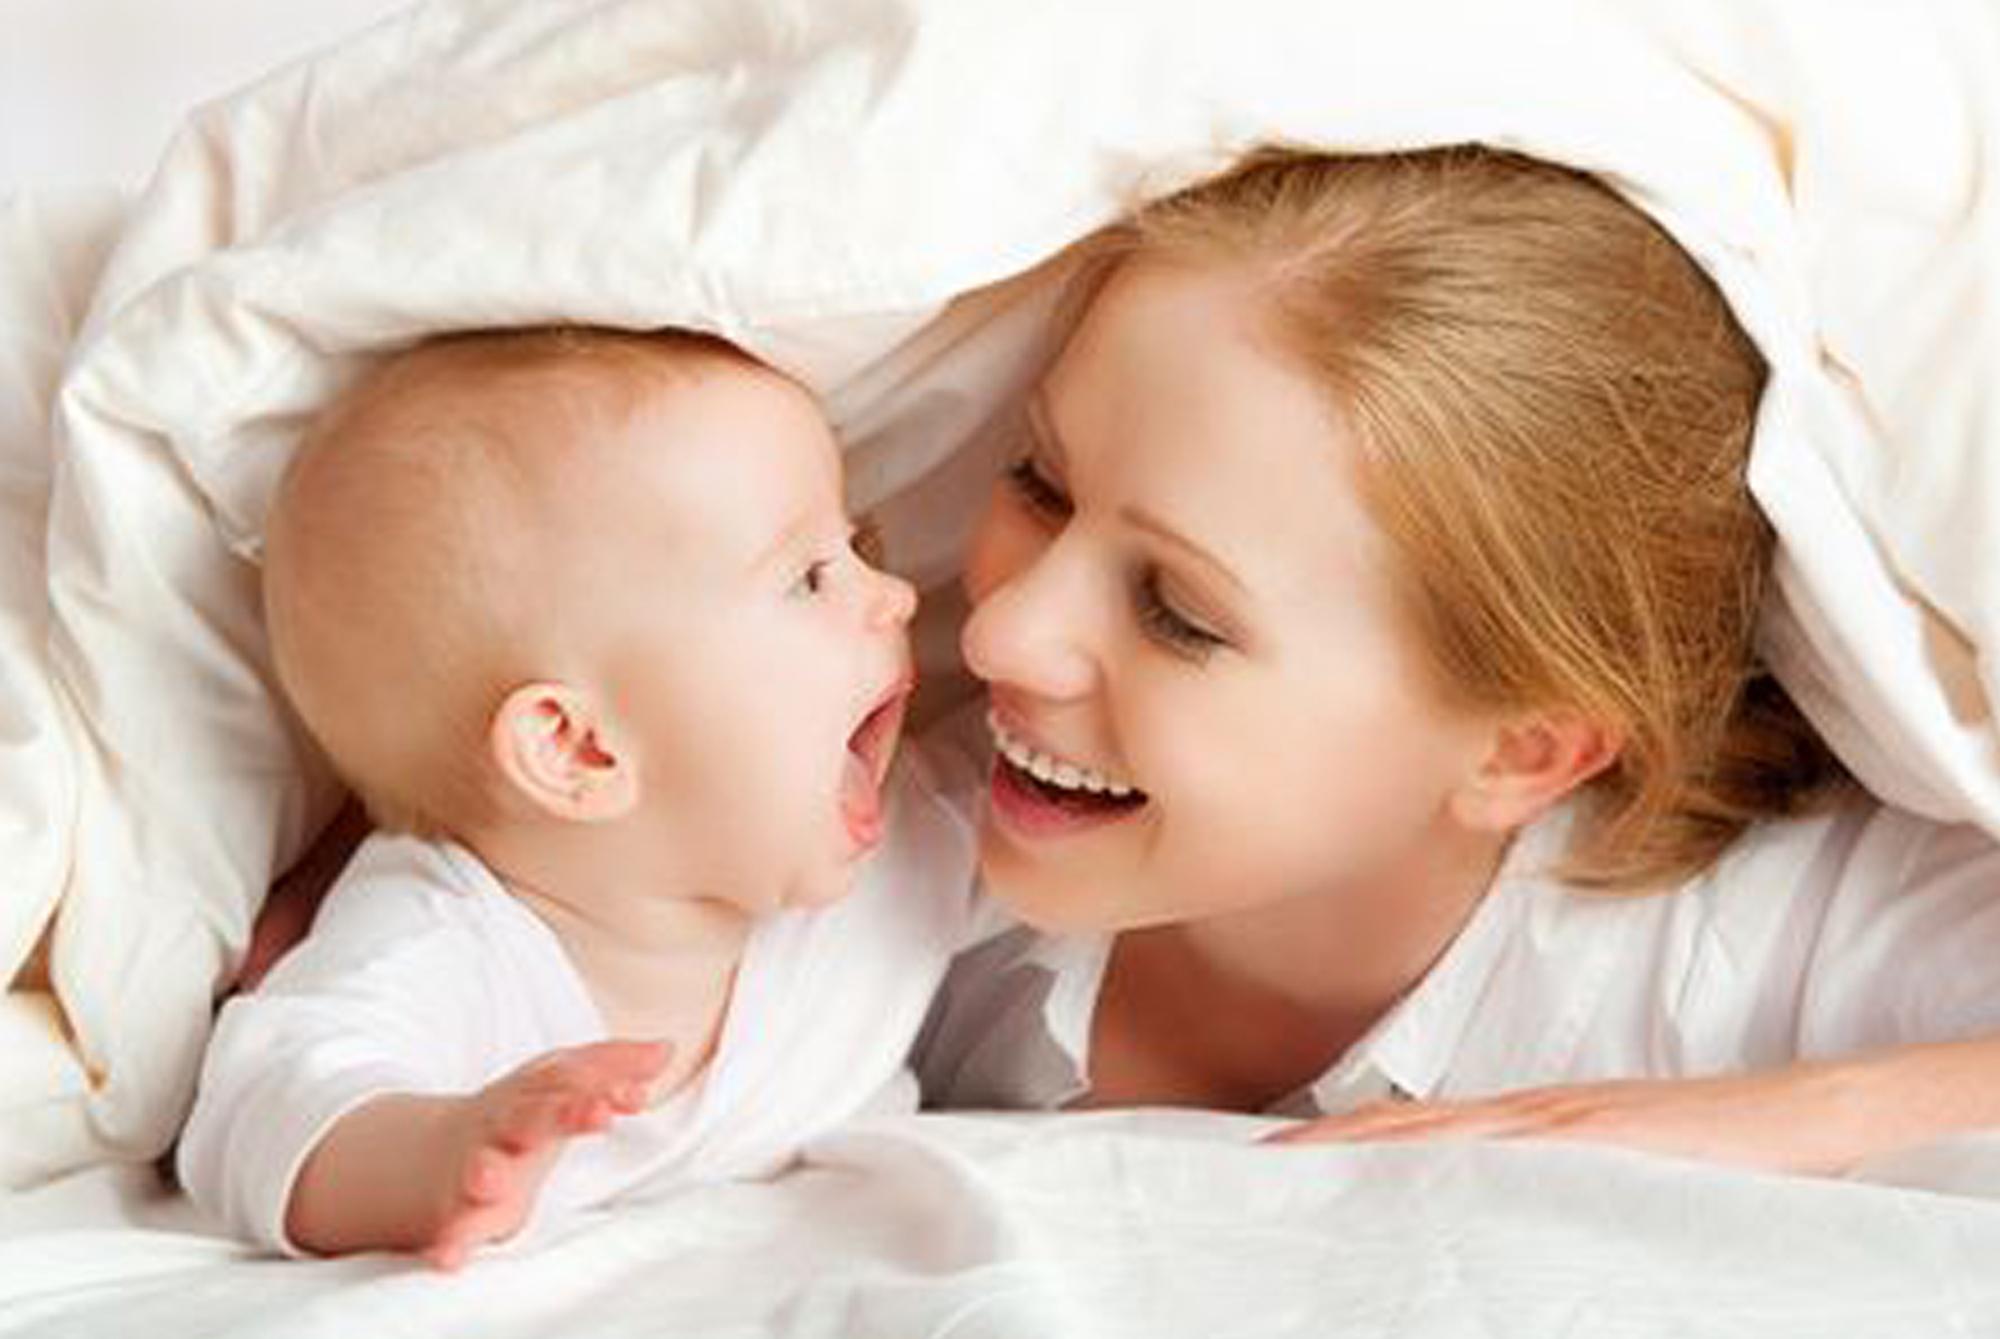 宝妈不给宝宝喂母乳,遭亲戚婆婆的指责,掀开衣服众人心疼